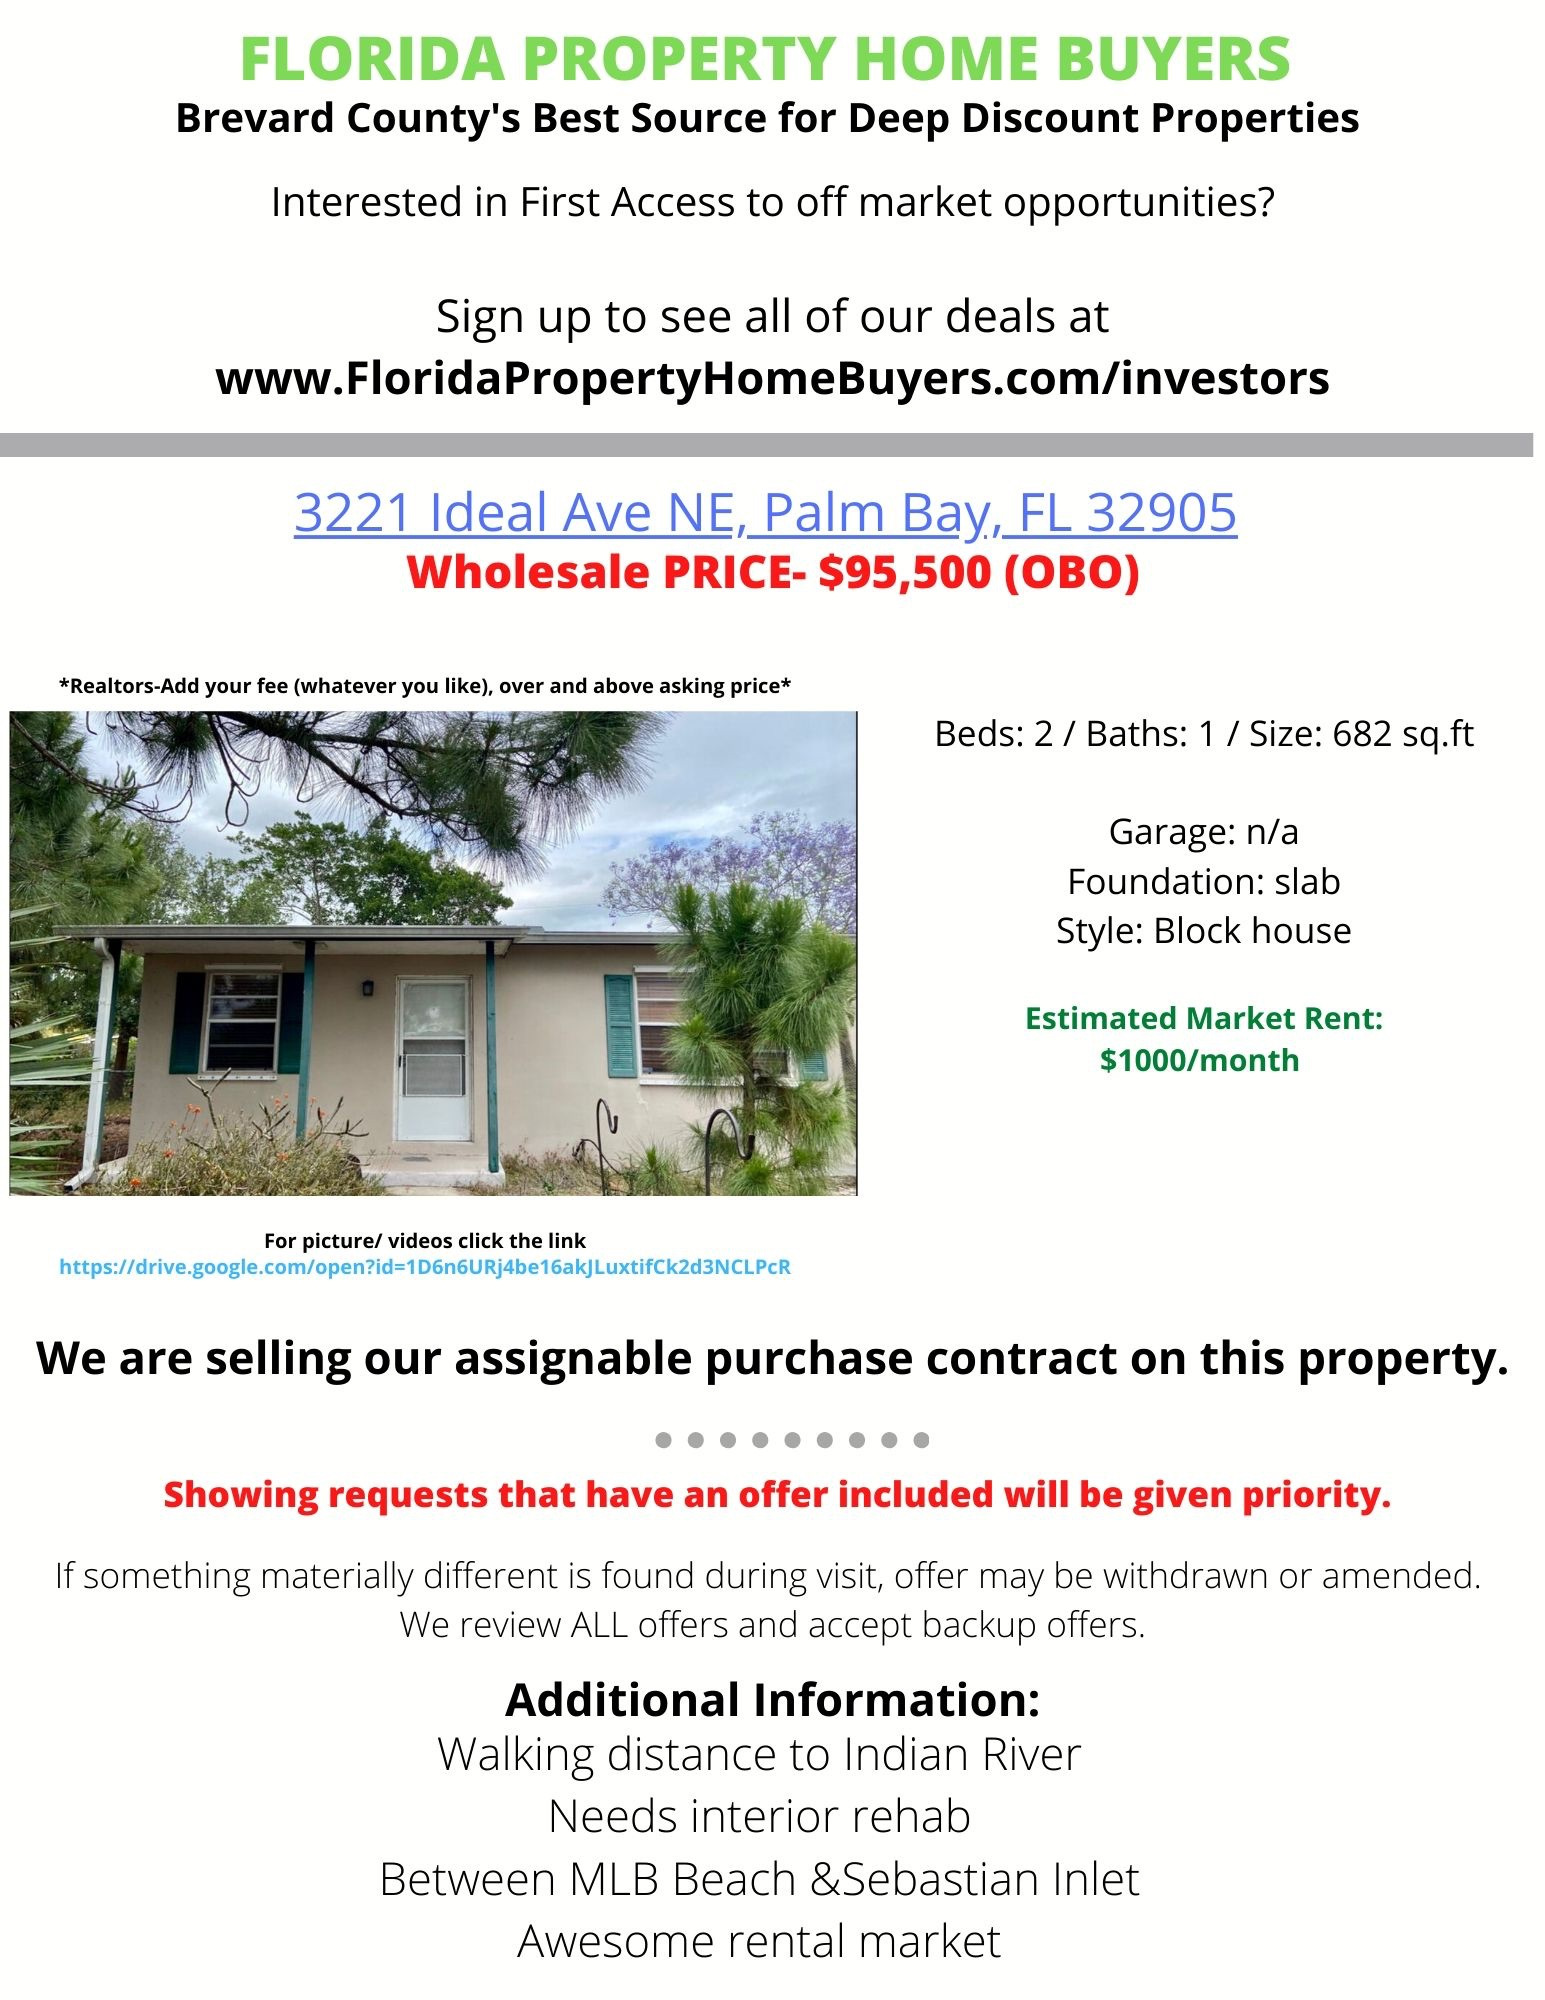 3221 Ideal Ave NE, Palm Bay, FL